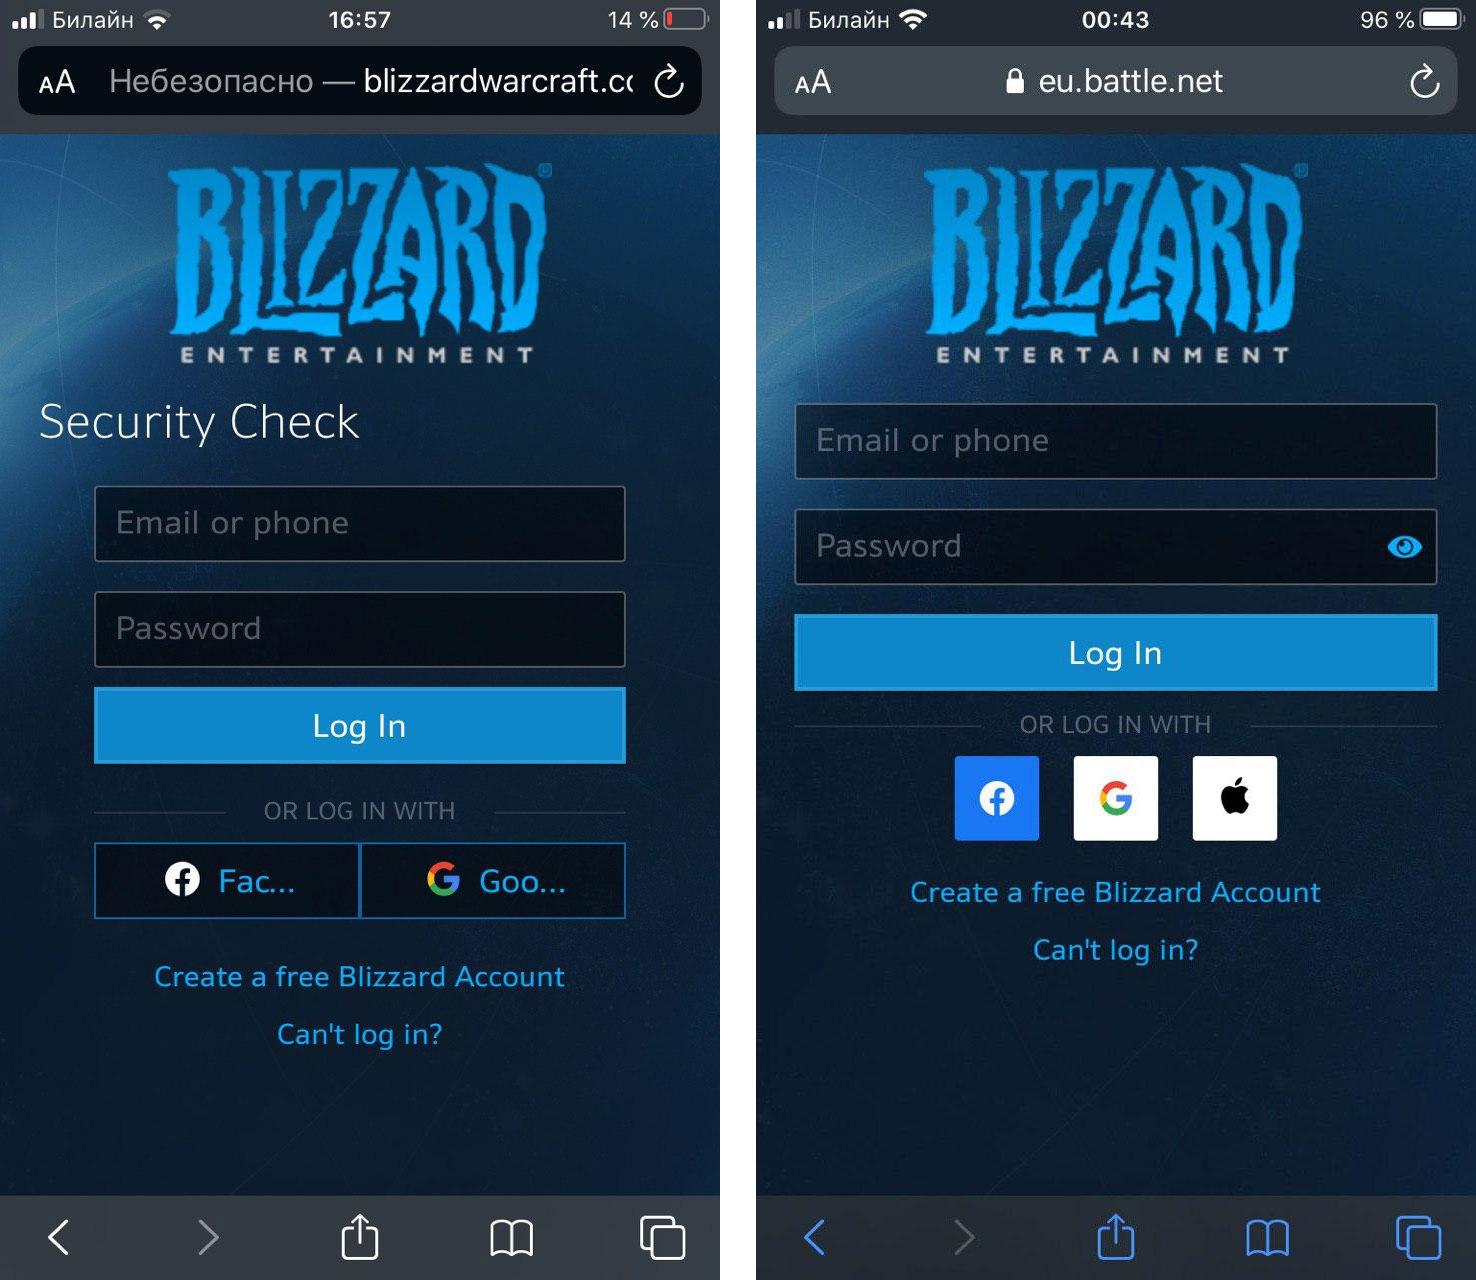 Comparación de un sitio web falso de Blizzard con el legítimo